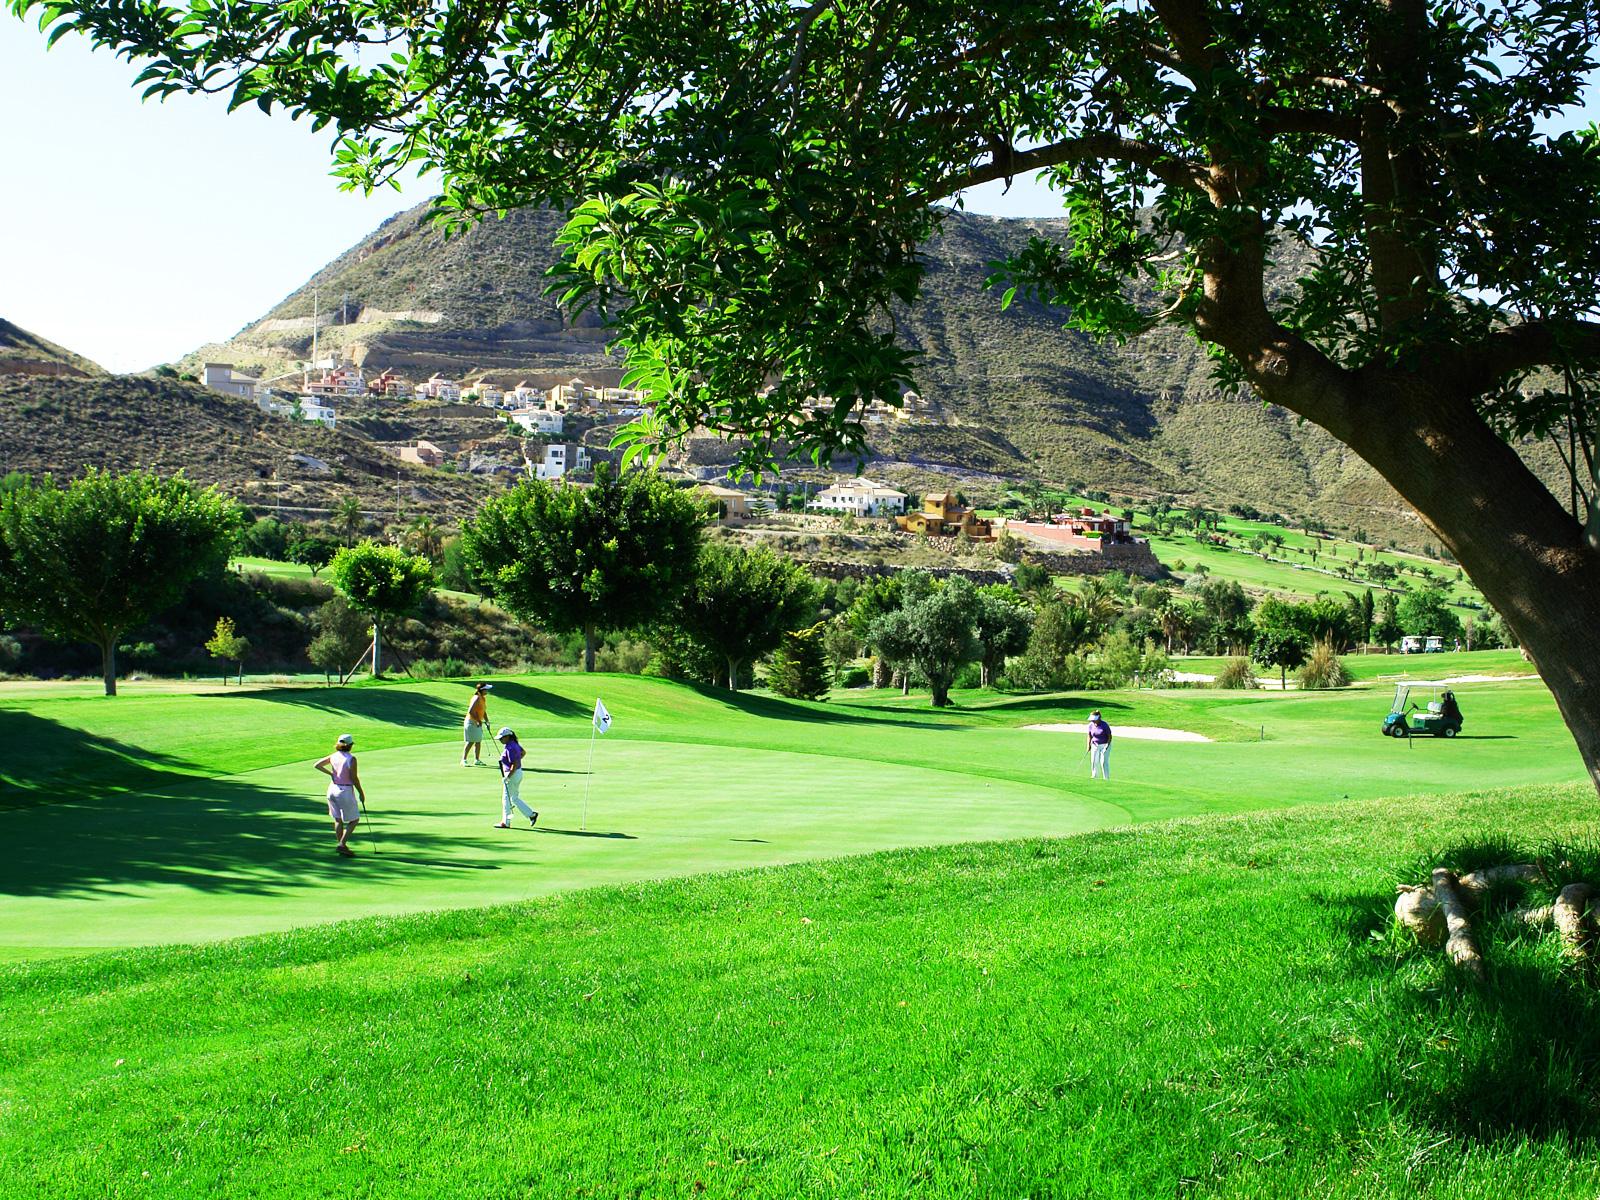 Golf-Vincci Selección Envía Almería Wellness & Golf 5*